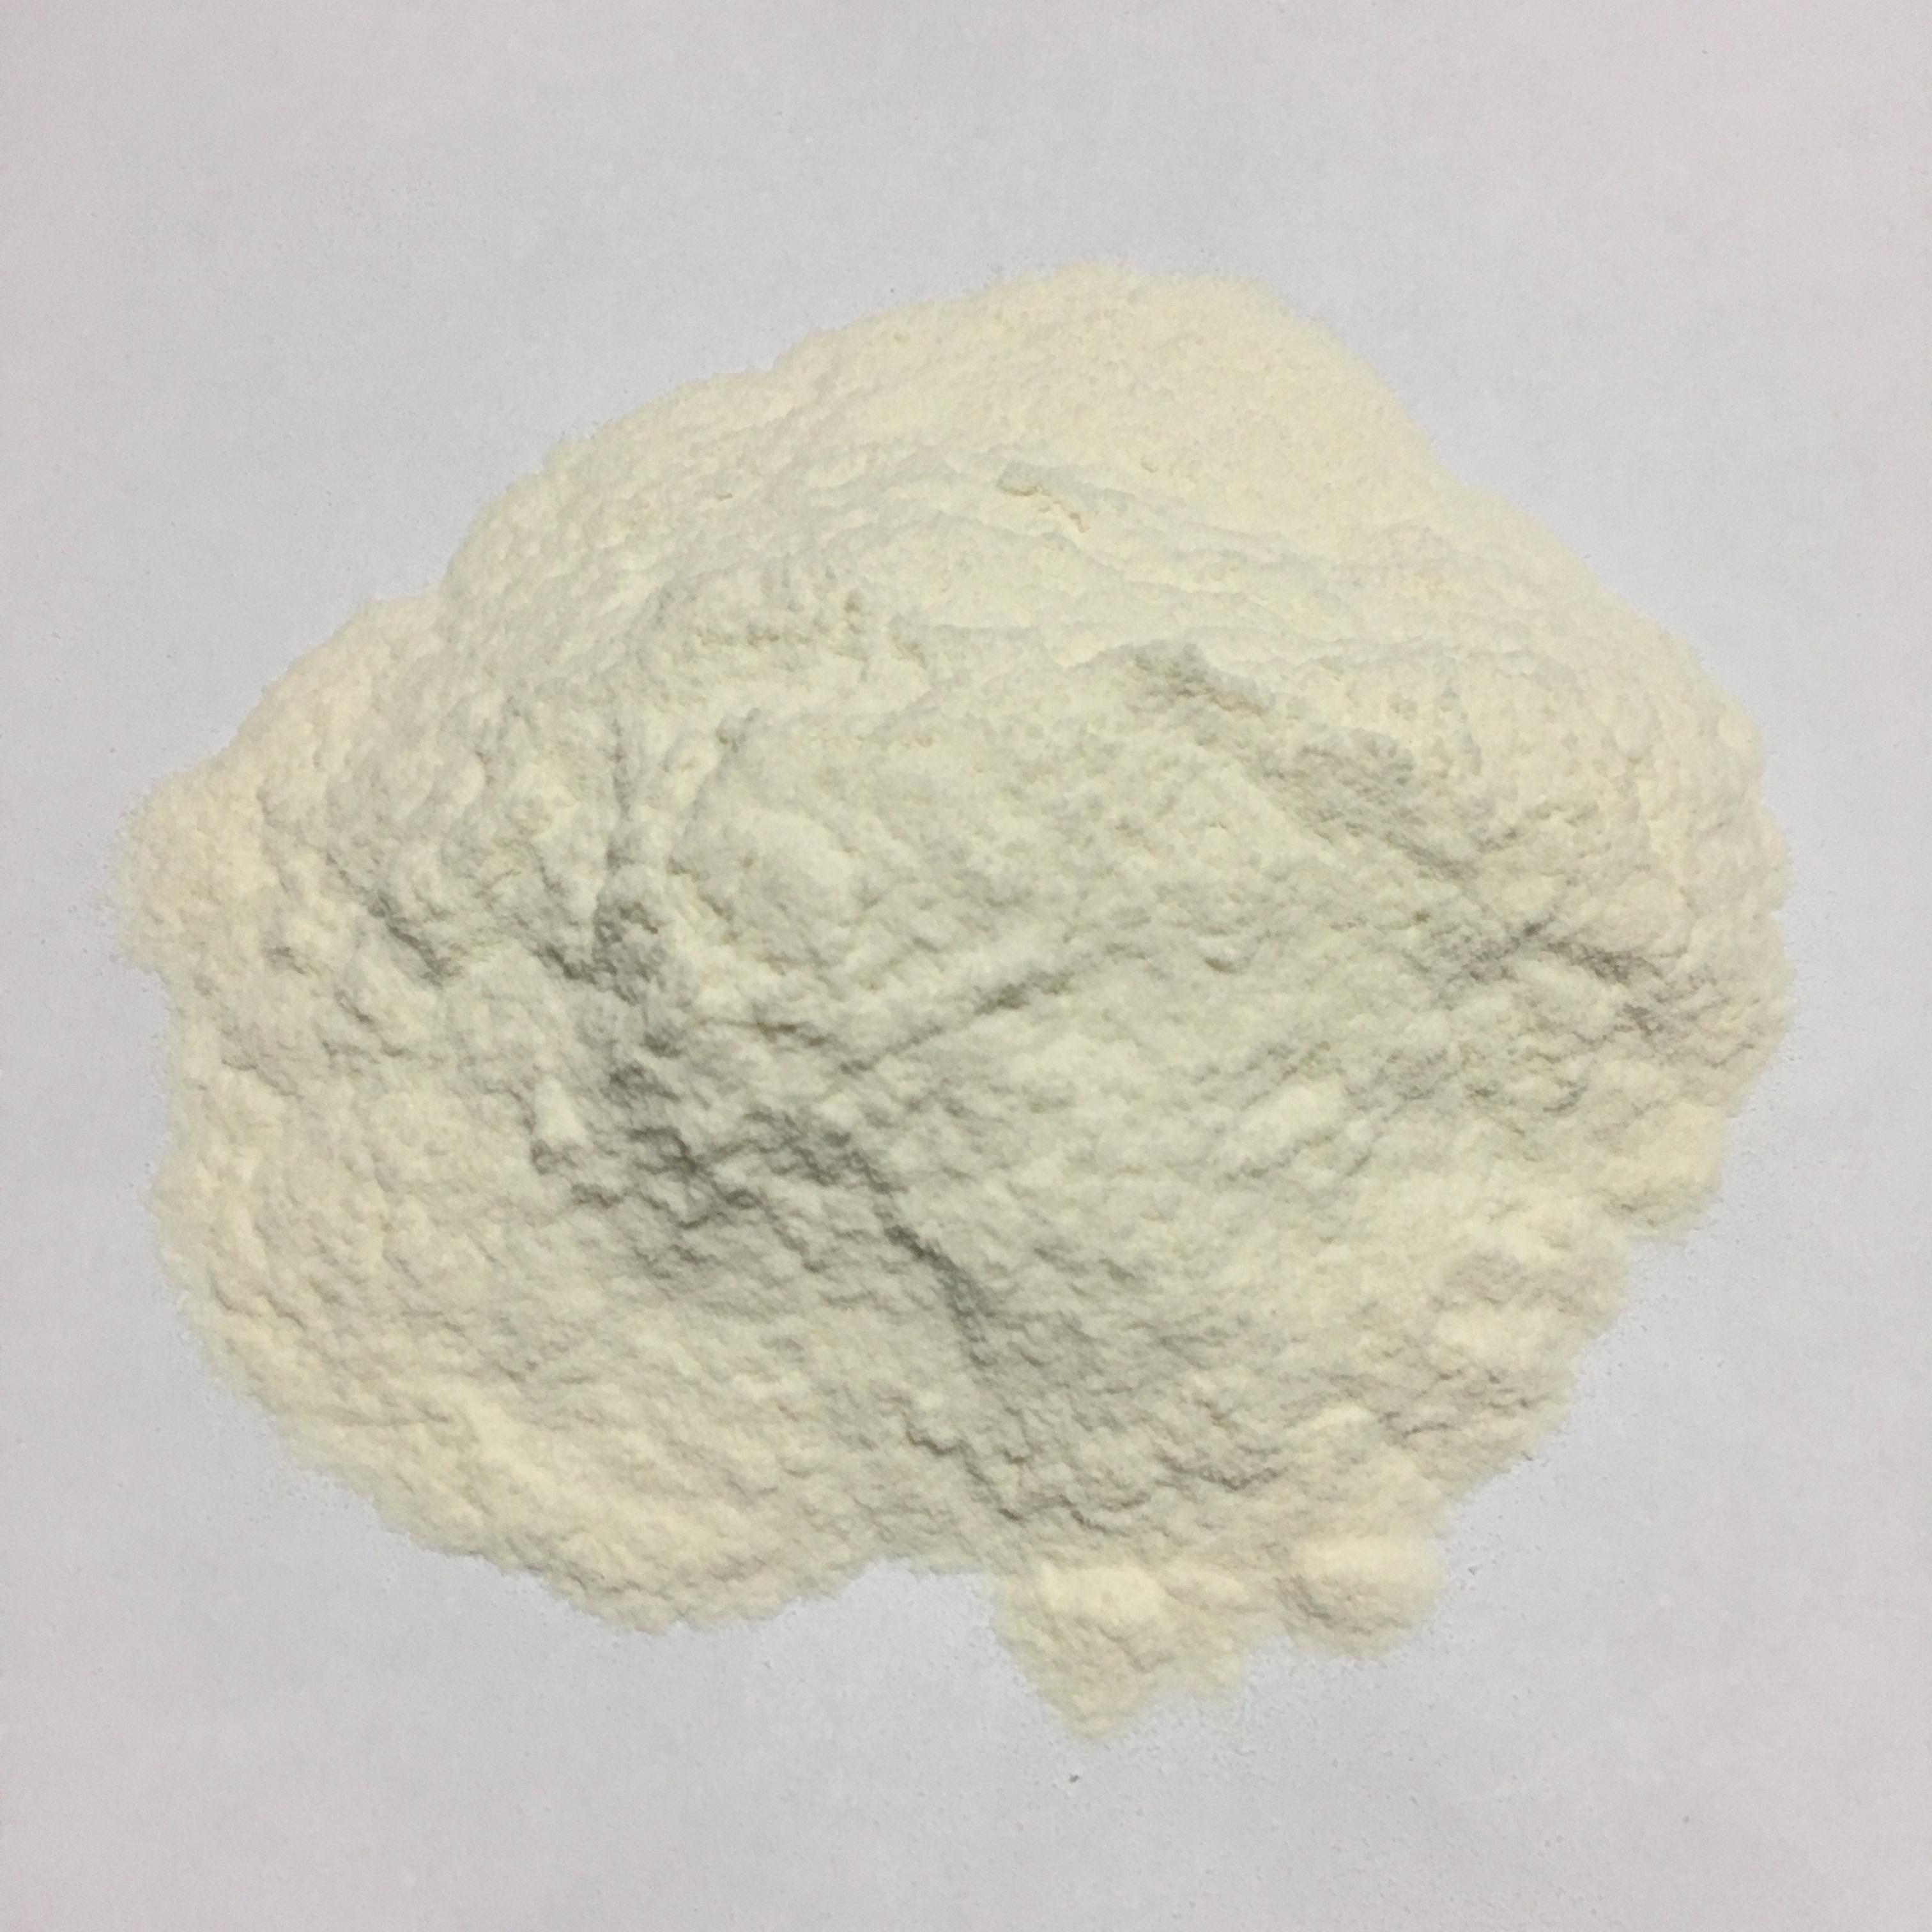 羥乙基甲基纖維素用途介紹